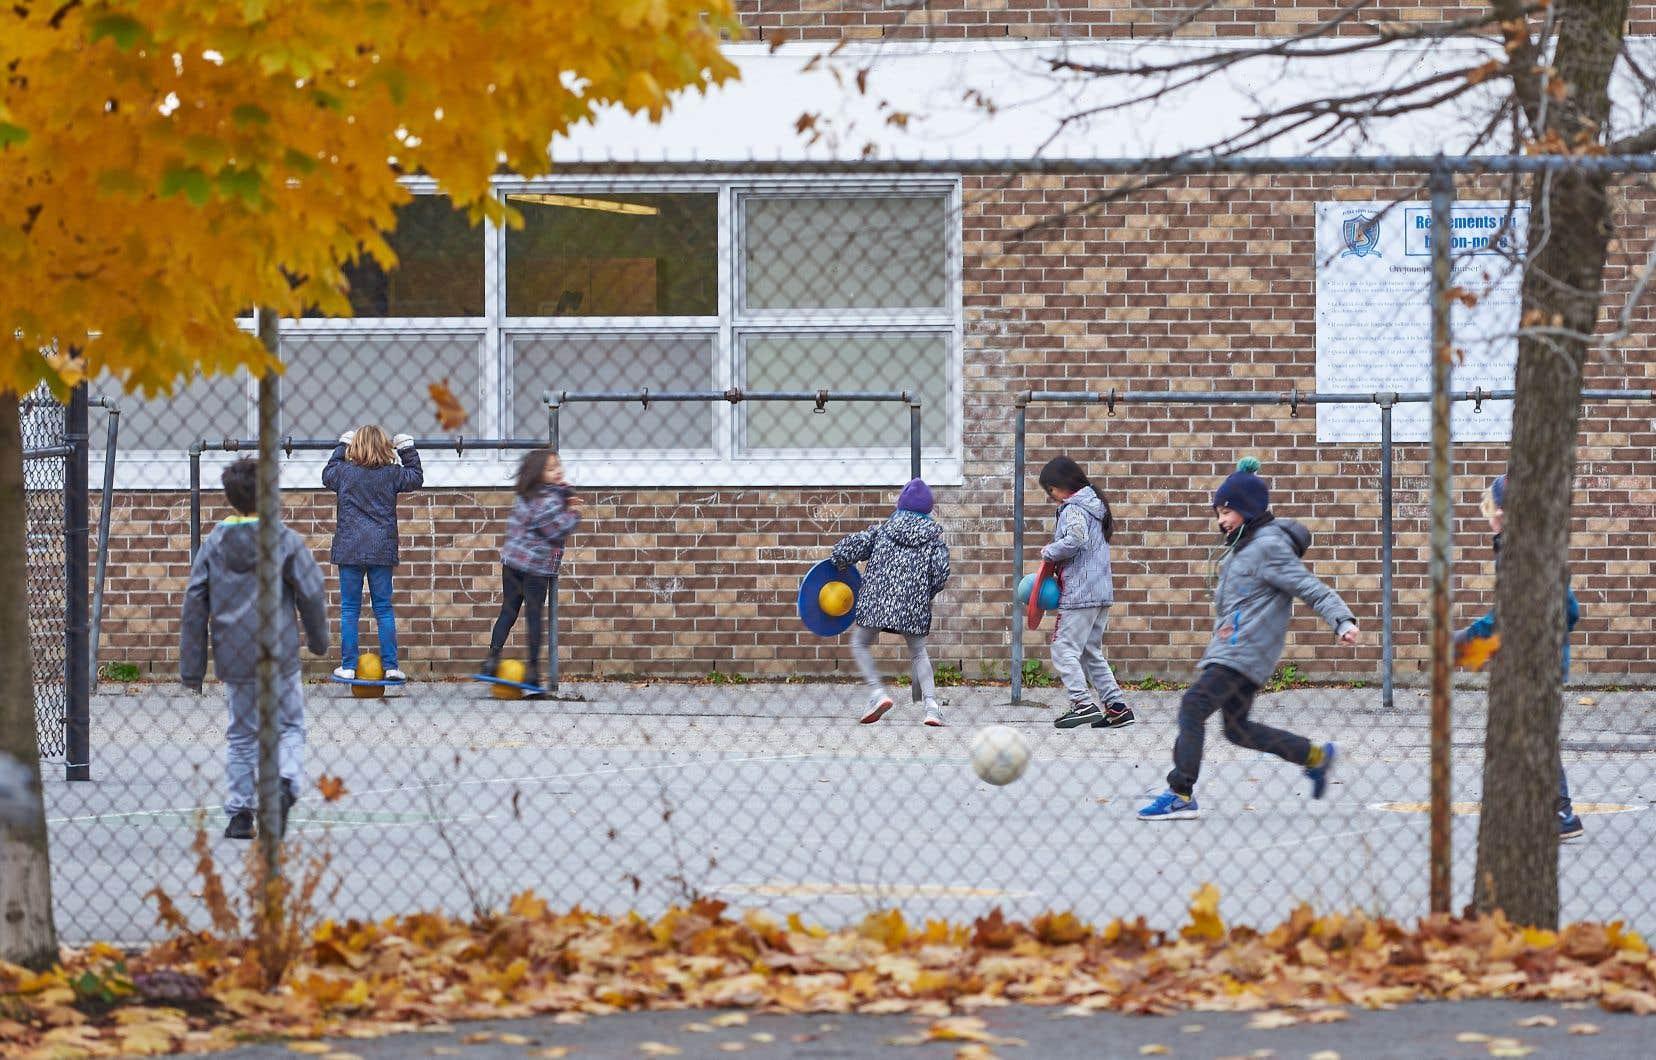 Les écoles concernées auront notamment de nouveaux modules de jeux, des patinoires et des terrains de soccer, de basket-ball ou de baseball.